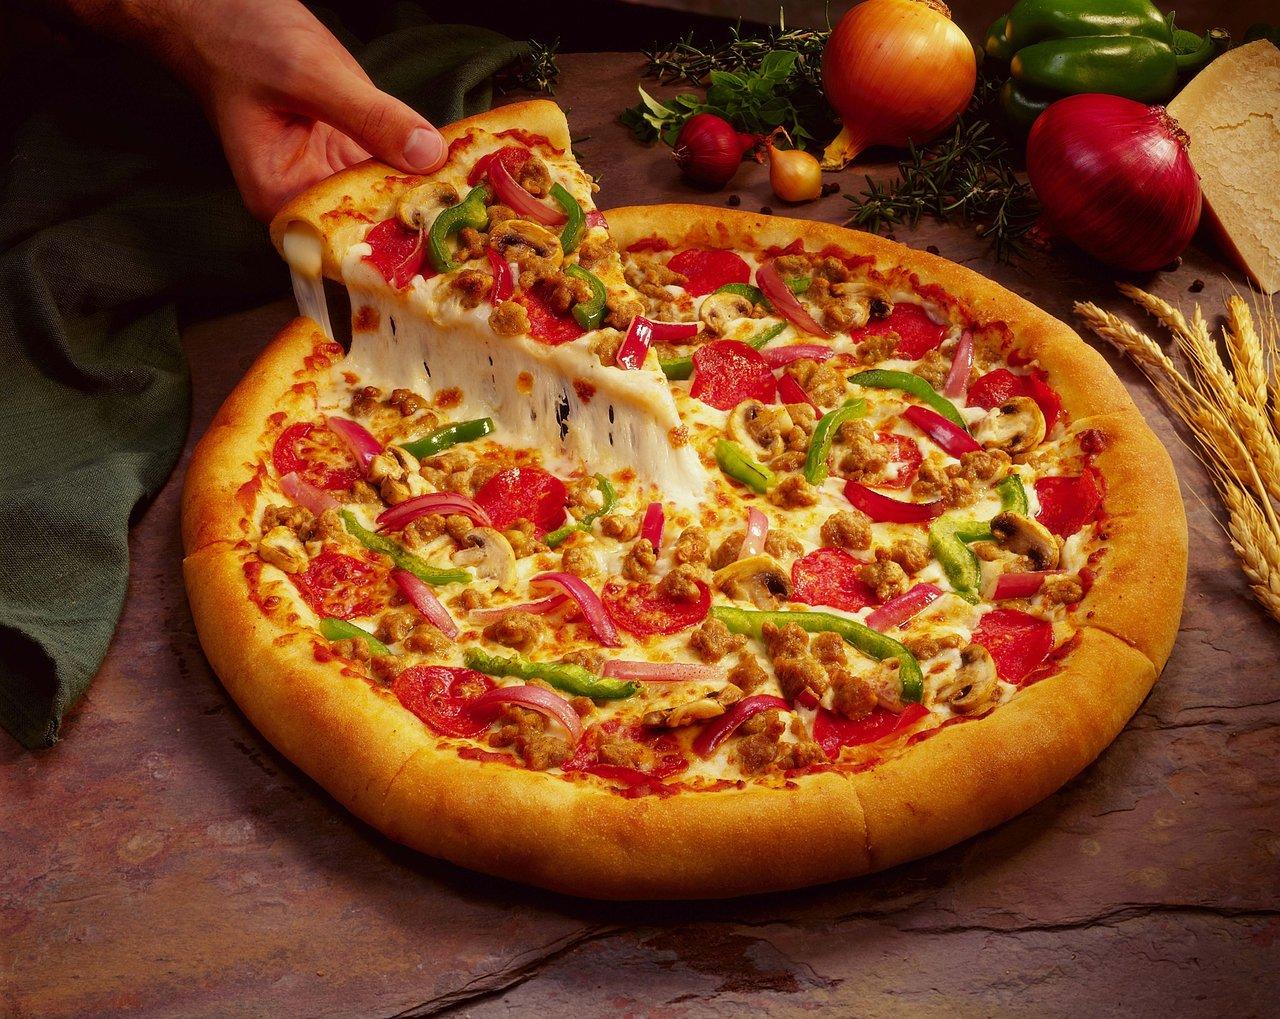 Новости Коломны   Ваши отзывы: Пицца в Коломне. Рейтинг коломенских пиццерий. Опрос справка. Фото (Коломна)   spravka kolomenskie golosovaniya evergreen